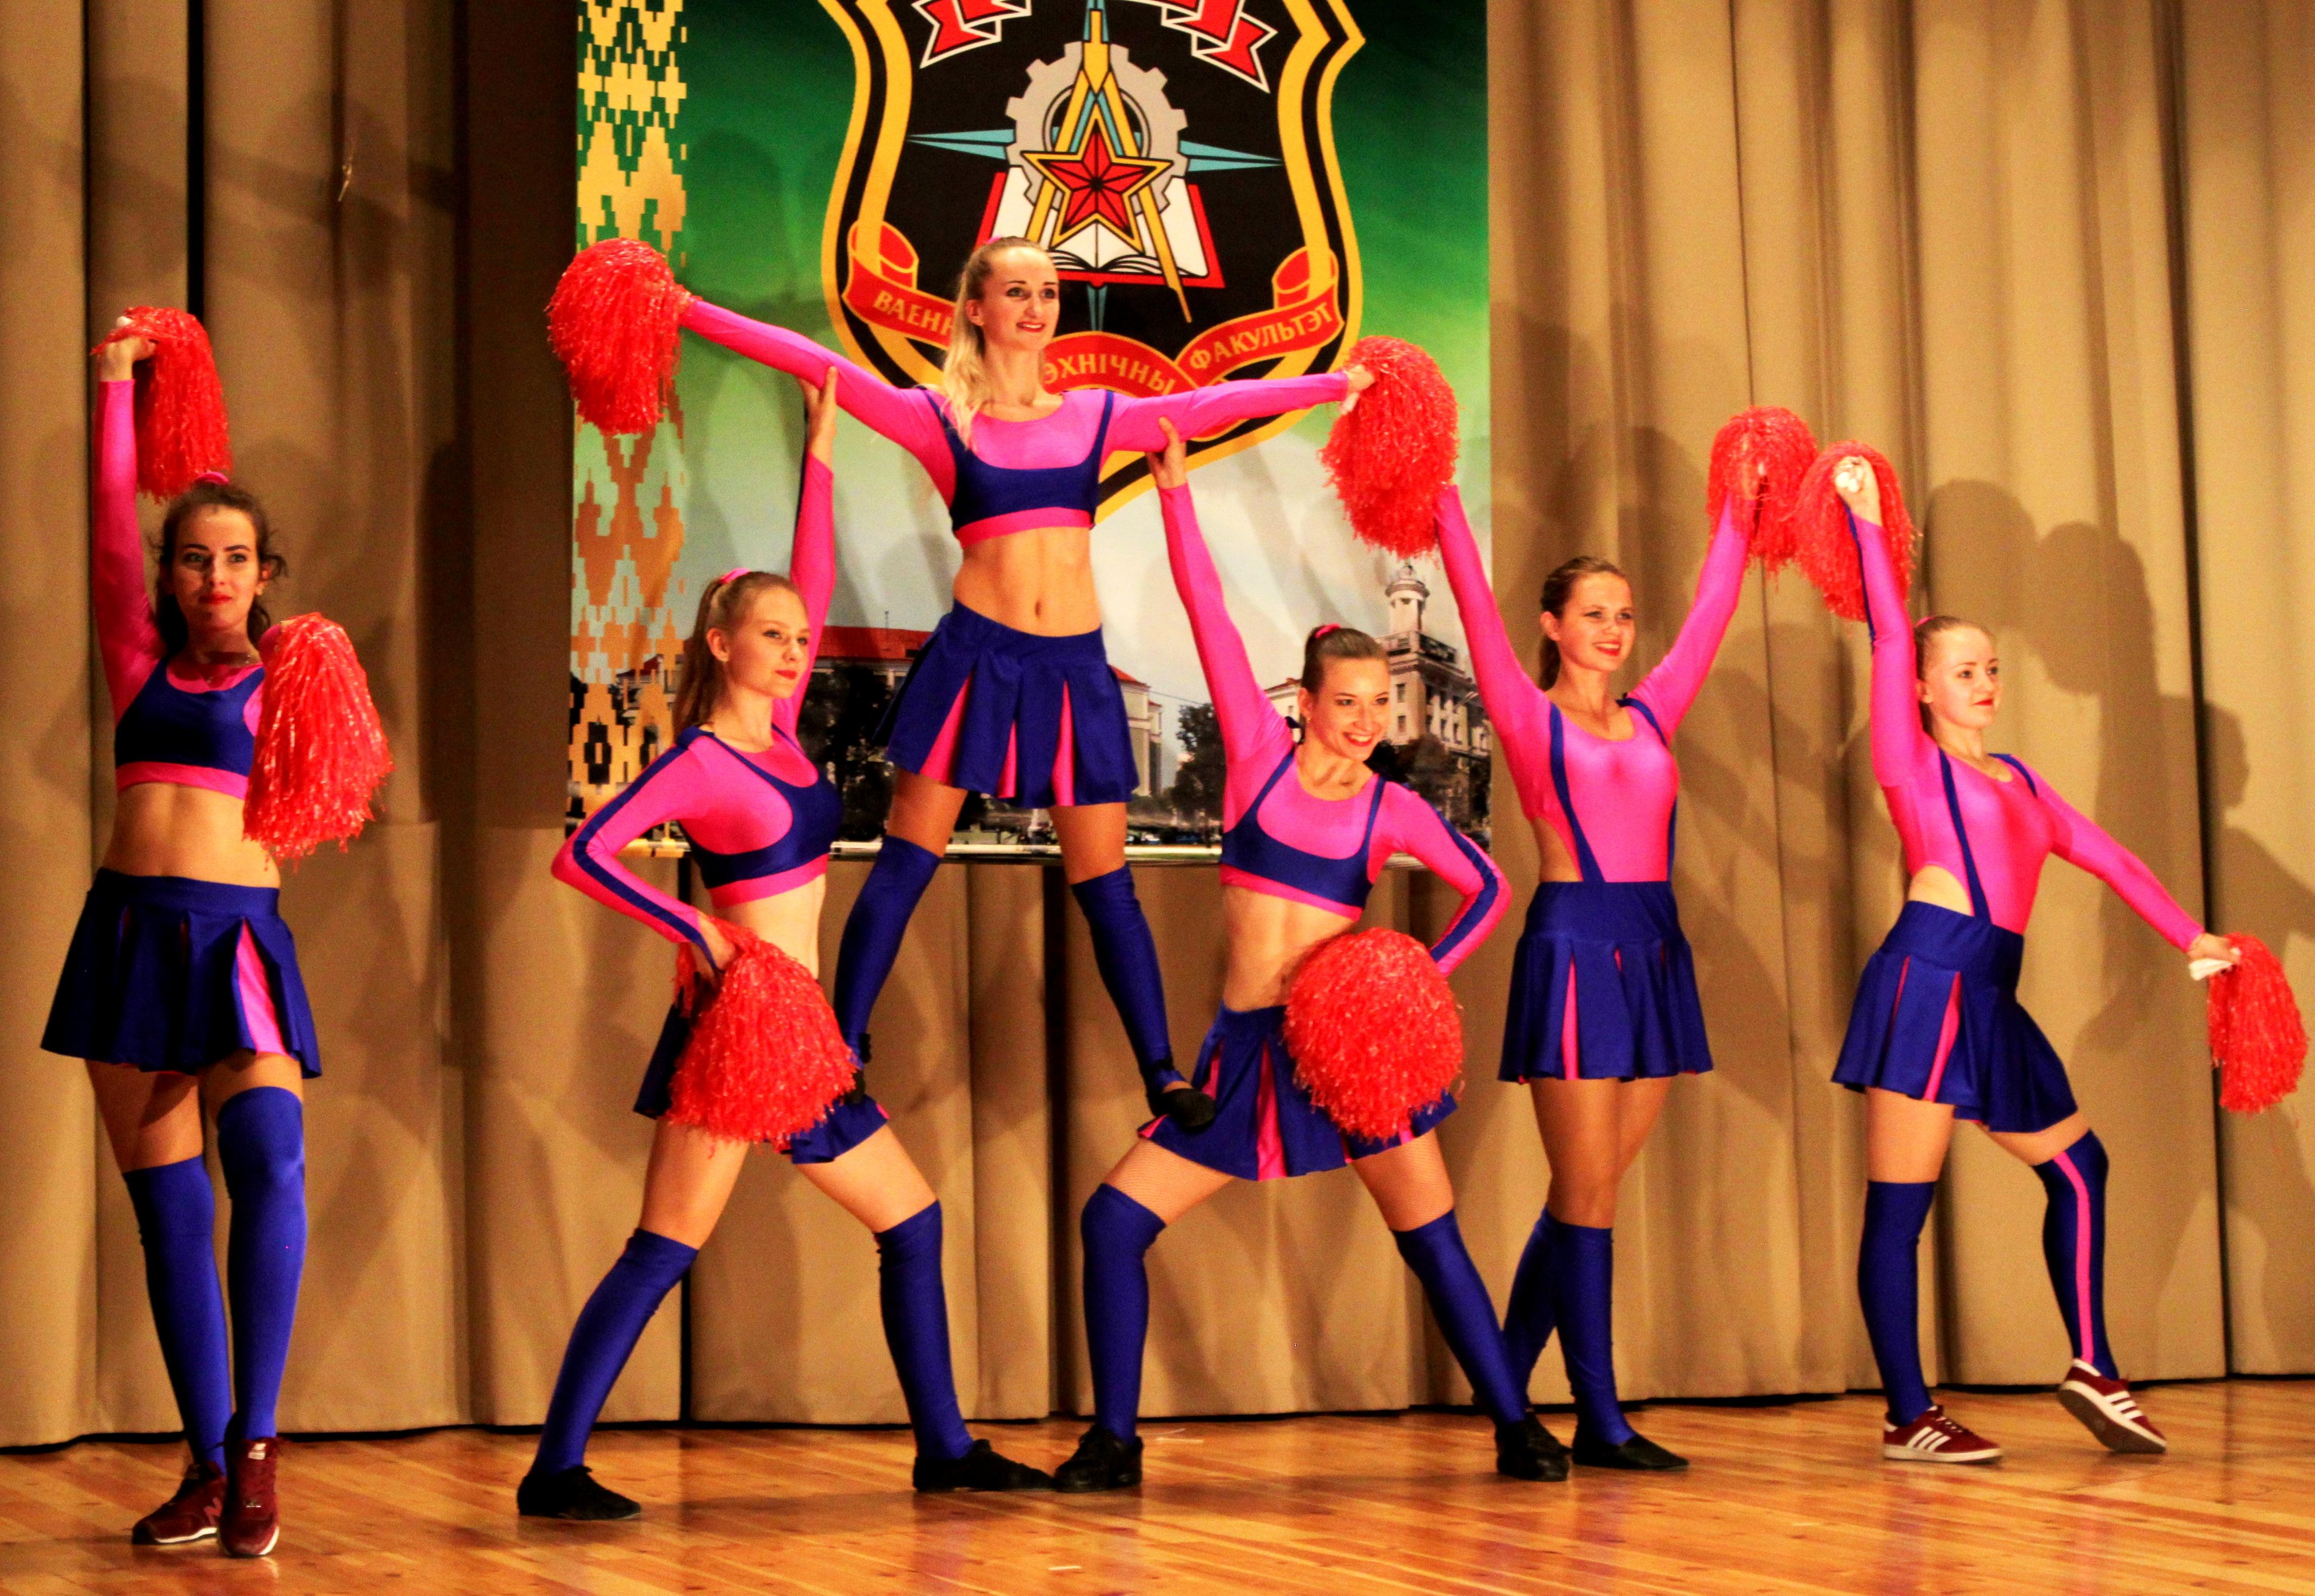 Коллектив эстрадного танца МЭД МАКС     открыл праздничный концерт